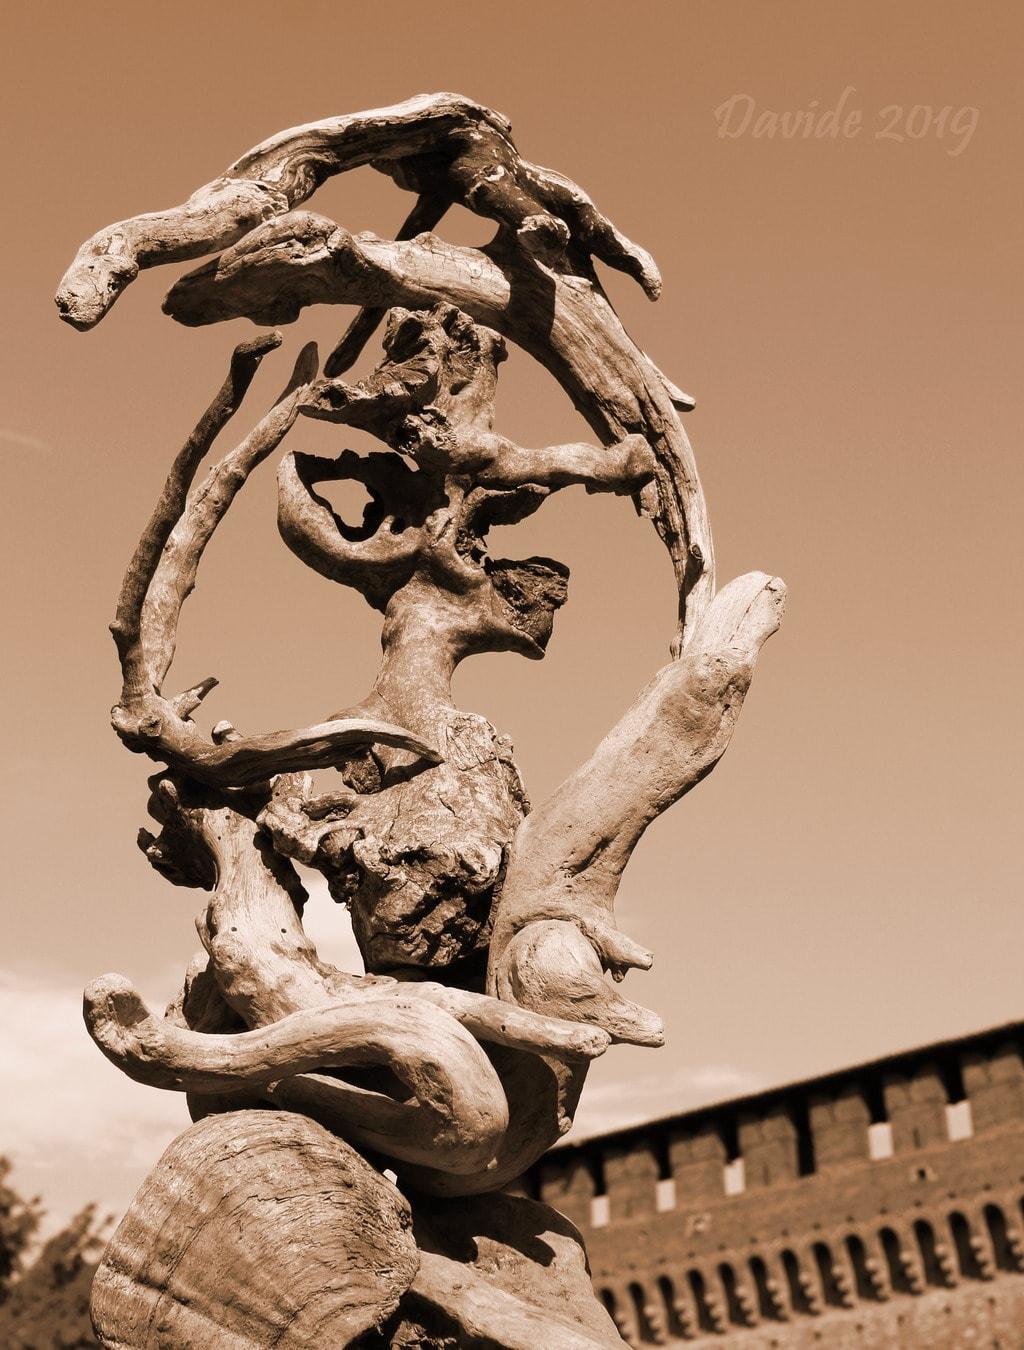 """Davide, """"Forme sfuggenti #36 – Castello Sforzesco"""", Milano (Lombardia – Italia), agosto 2019. © Davide Tansini"""